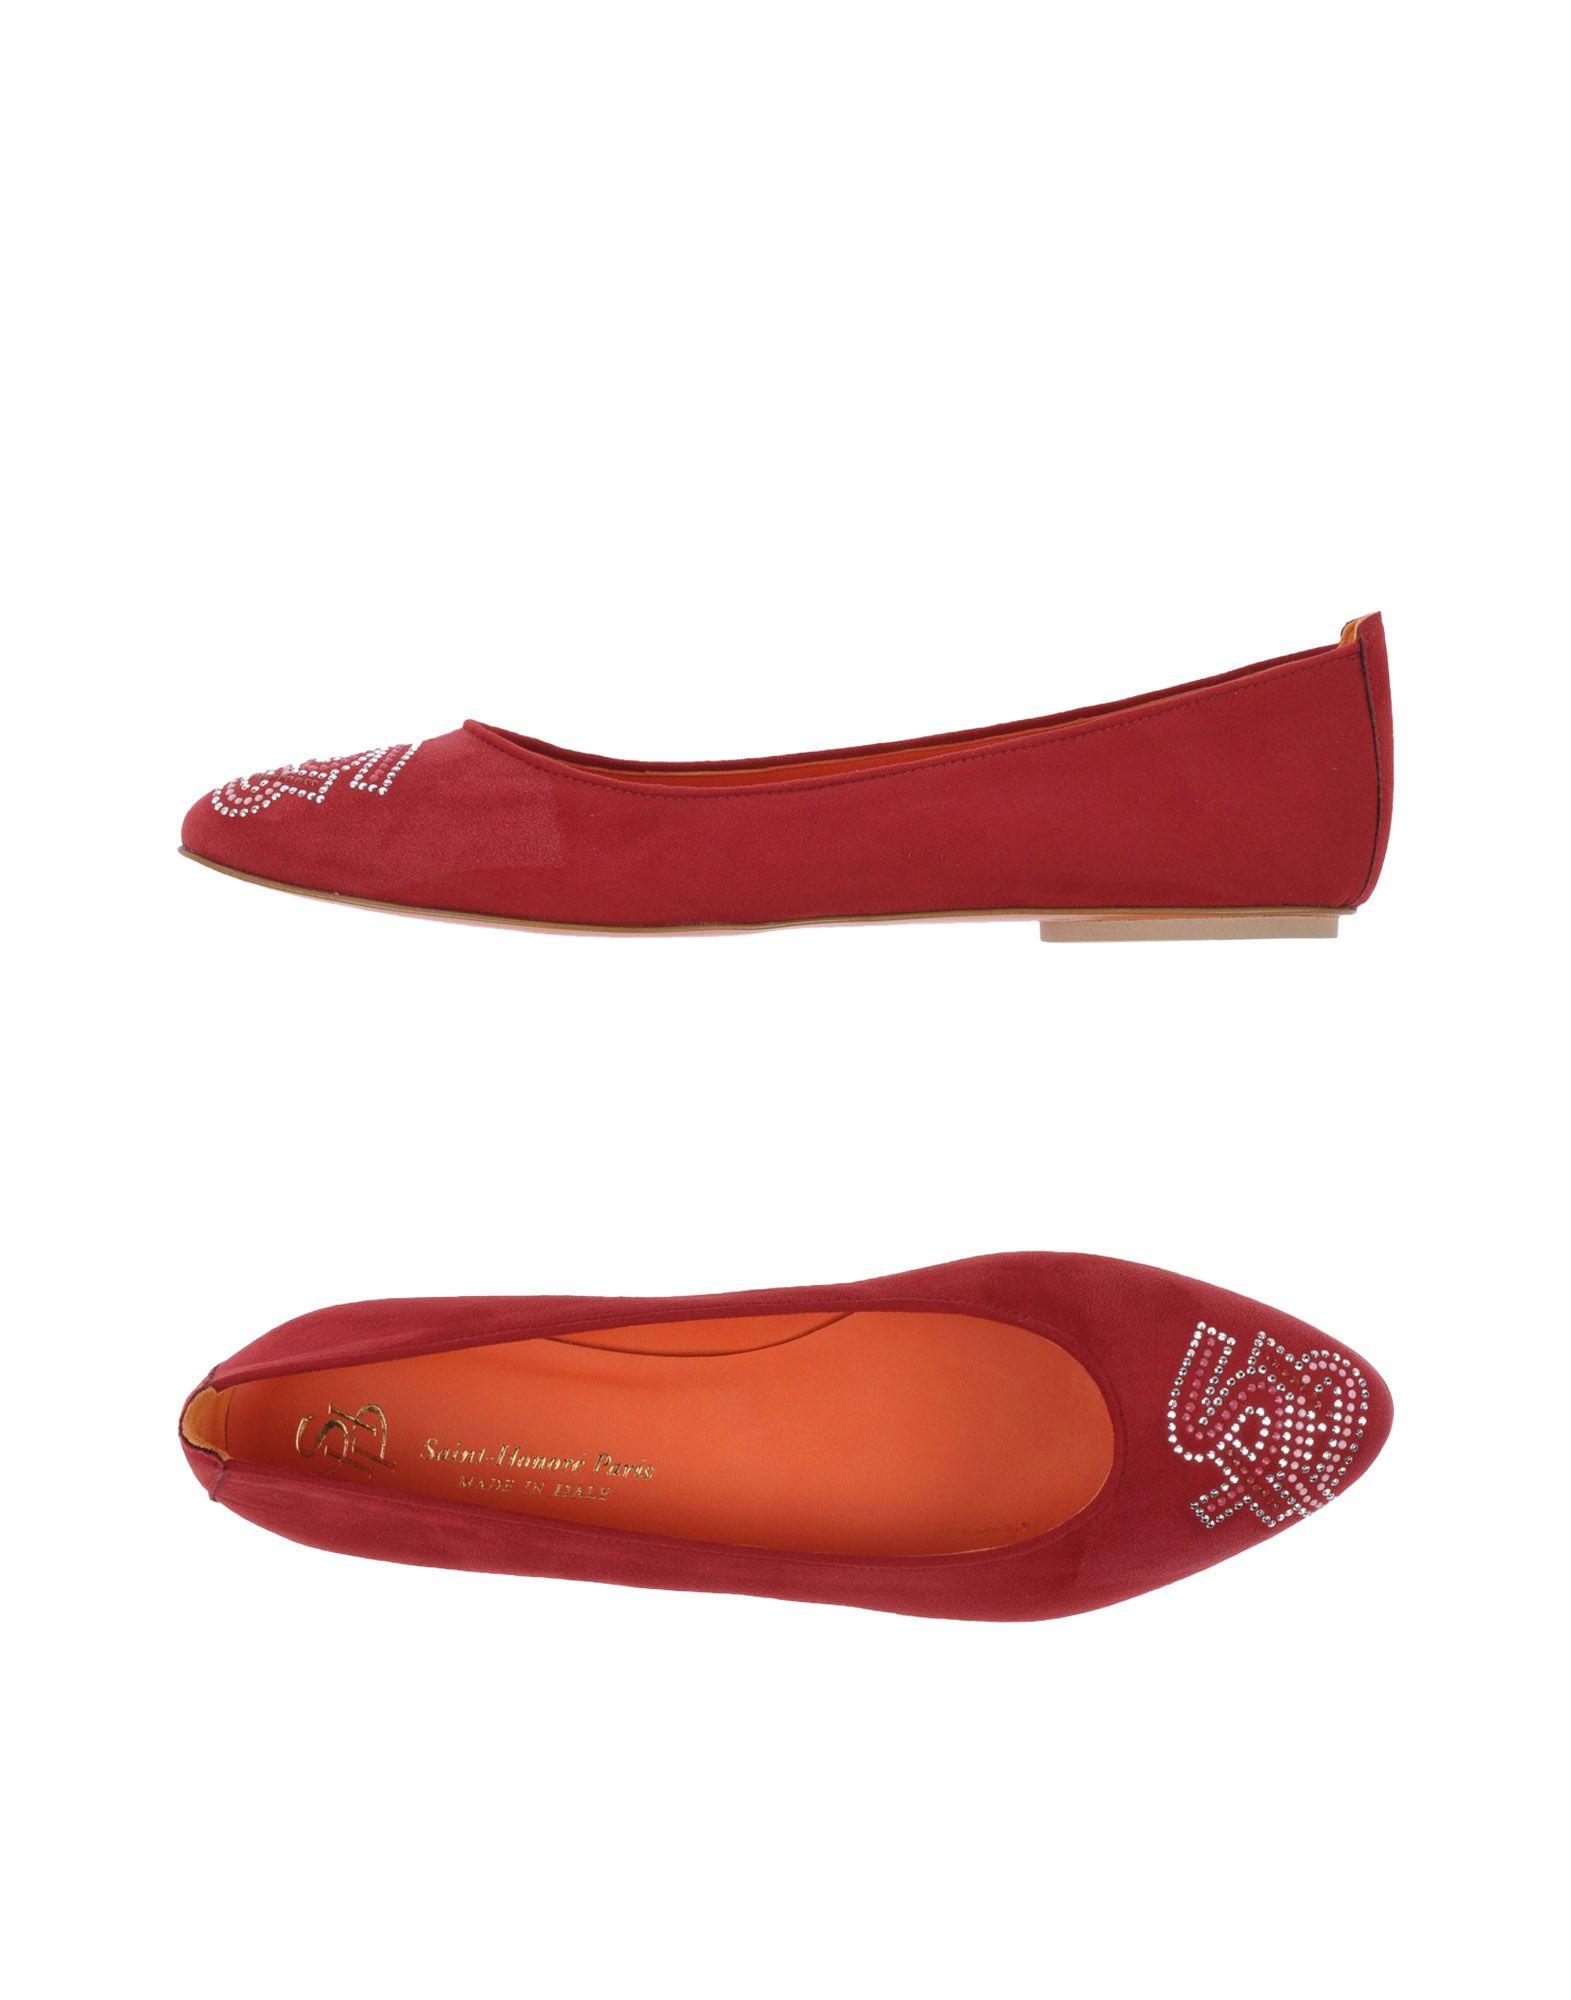 Saint Saint Saint 11169395JK Gute Qualität beliebte Schuhe 18e509